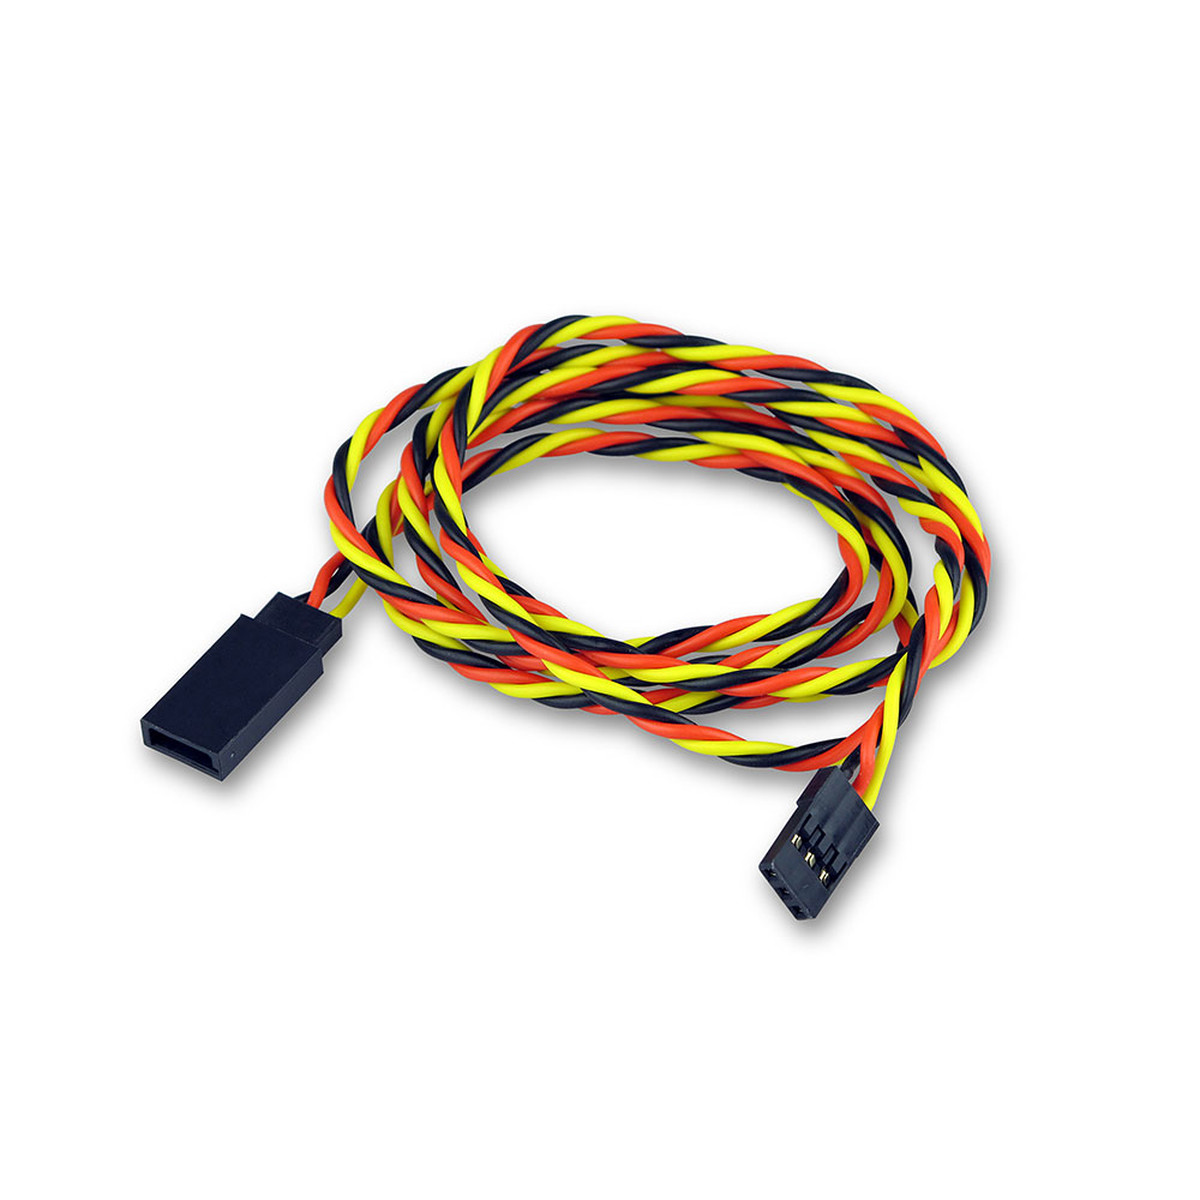 servoverl ngerungs kabel graupner jr futaba 90cm. Black Bedroom Furniture Sets. Home Design Ideas